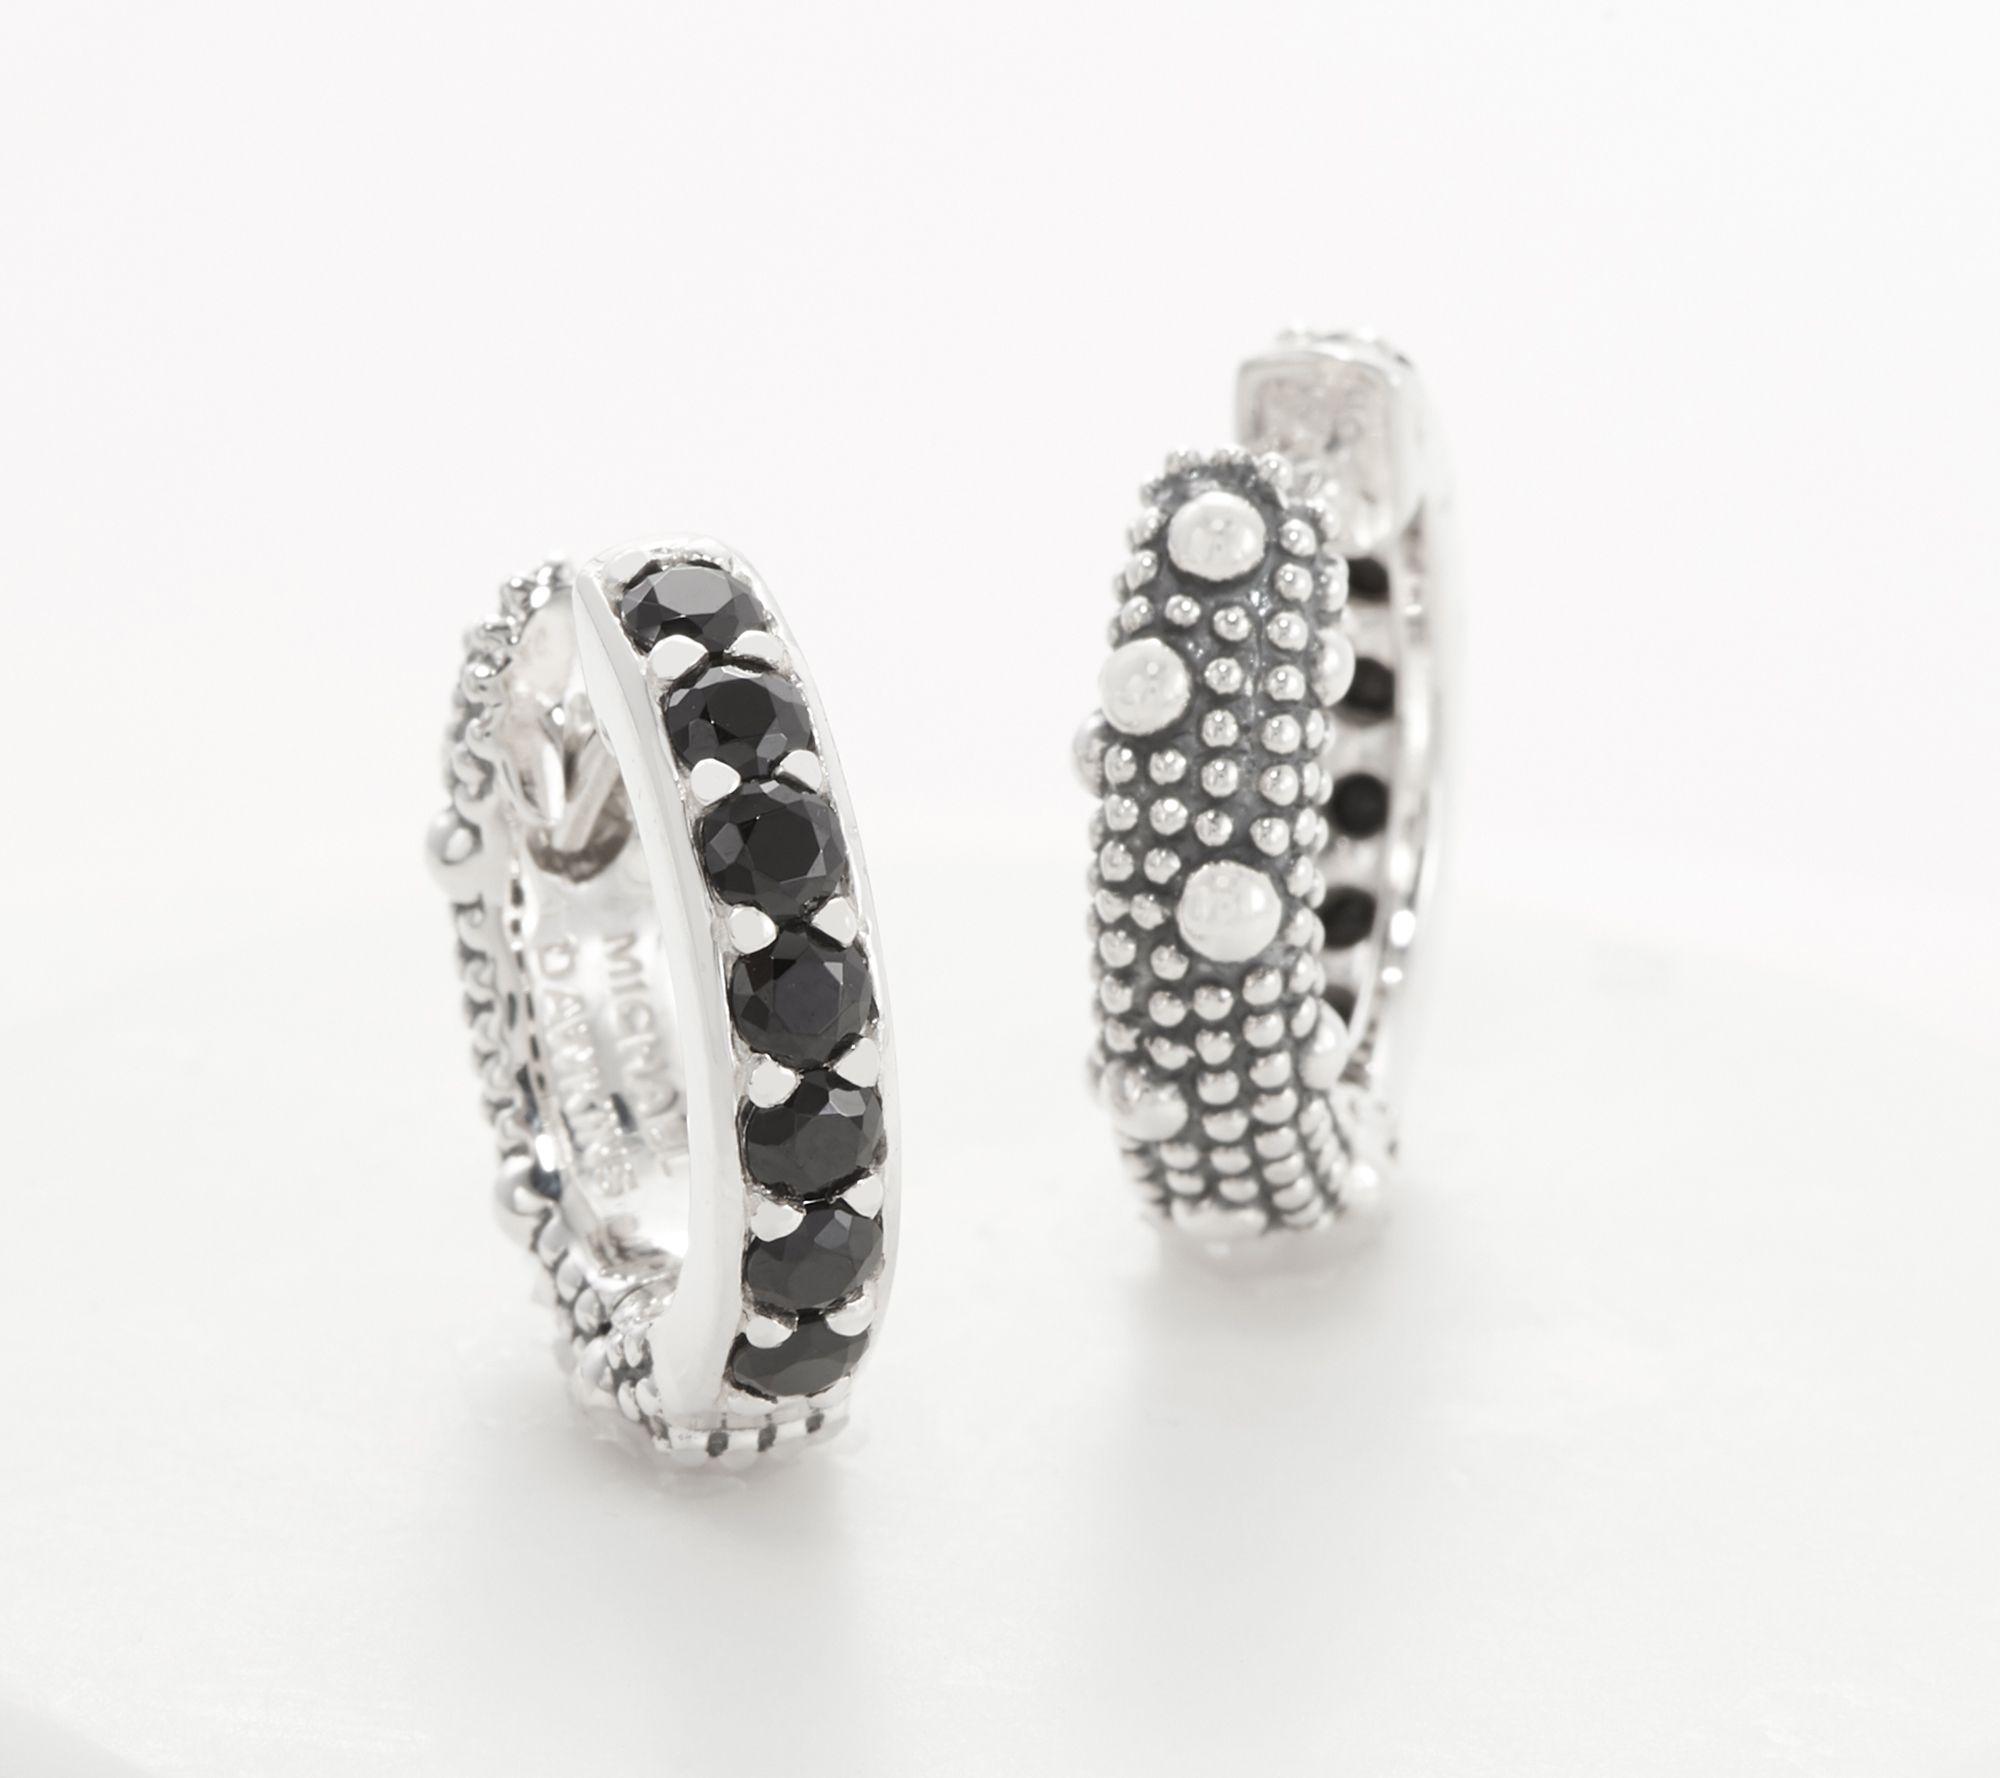 Michael Dawkins Sterling Silver Reversible Gemstone 1 2 Hoop Earrings Qvc